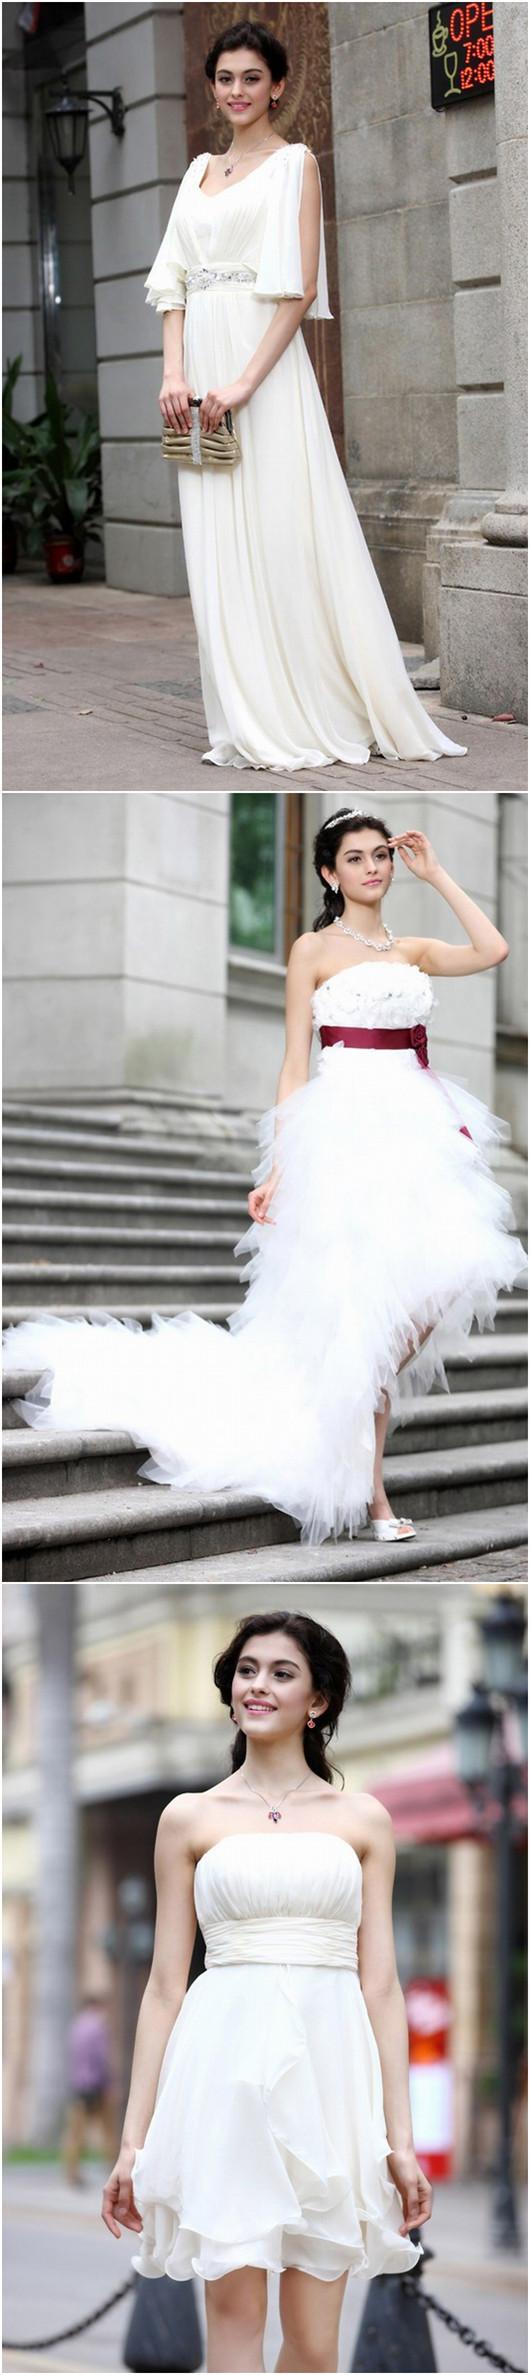 robe de mariée et robe demoiselle d'honneur en couleur blanche de Persun